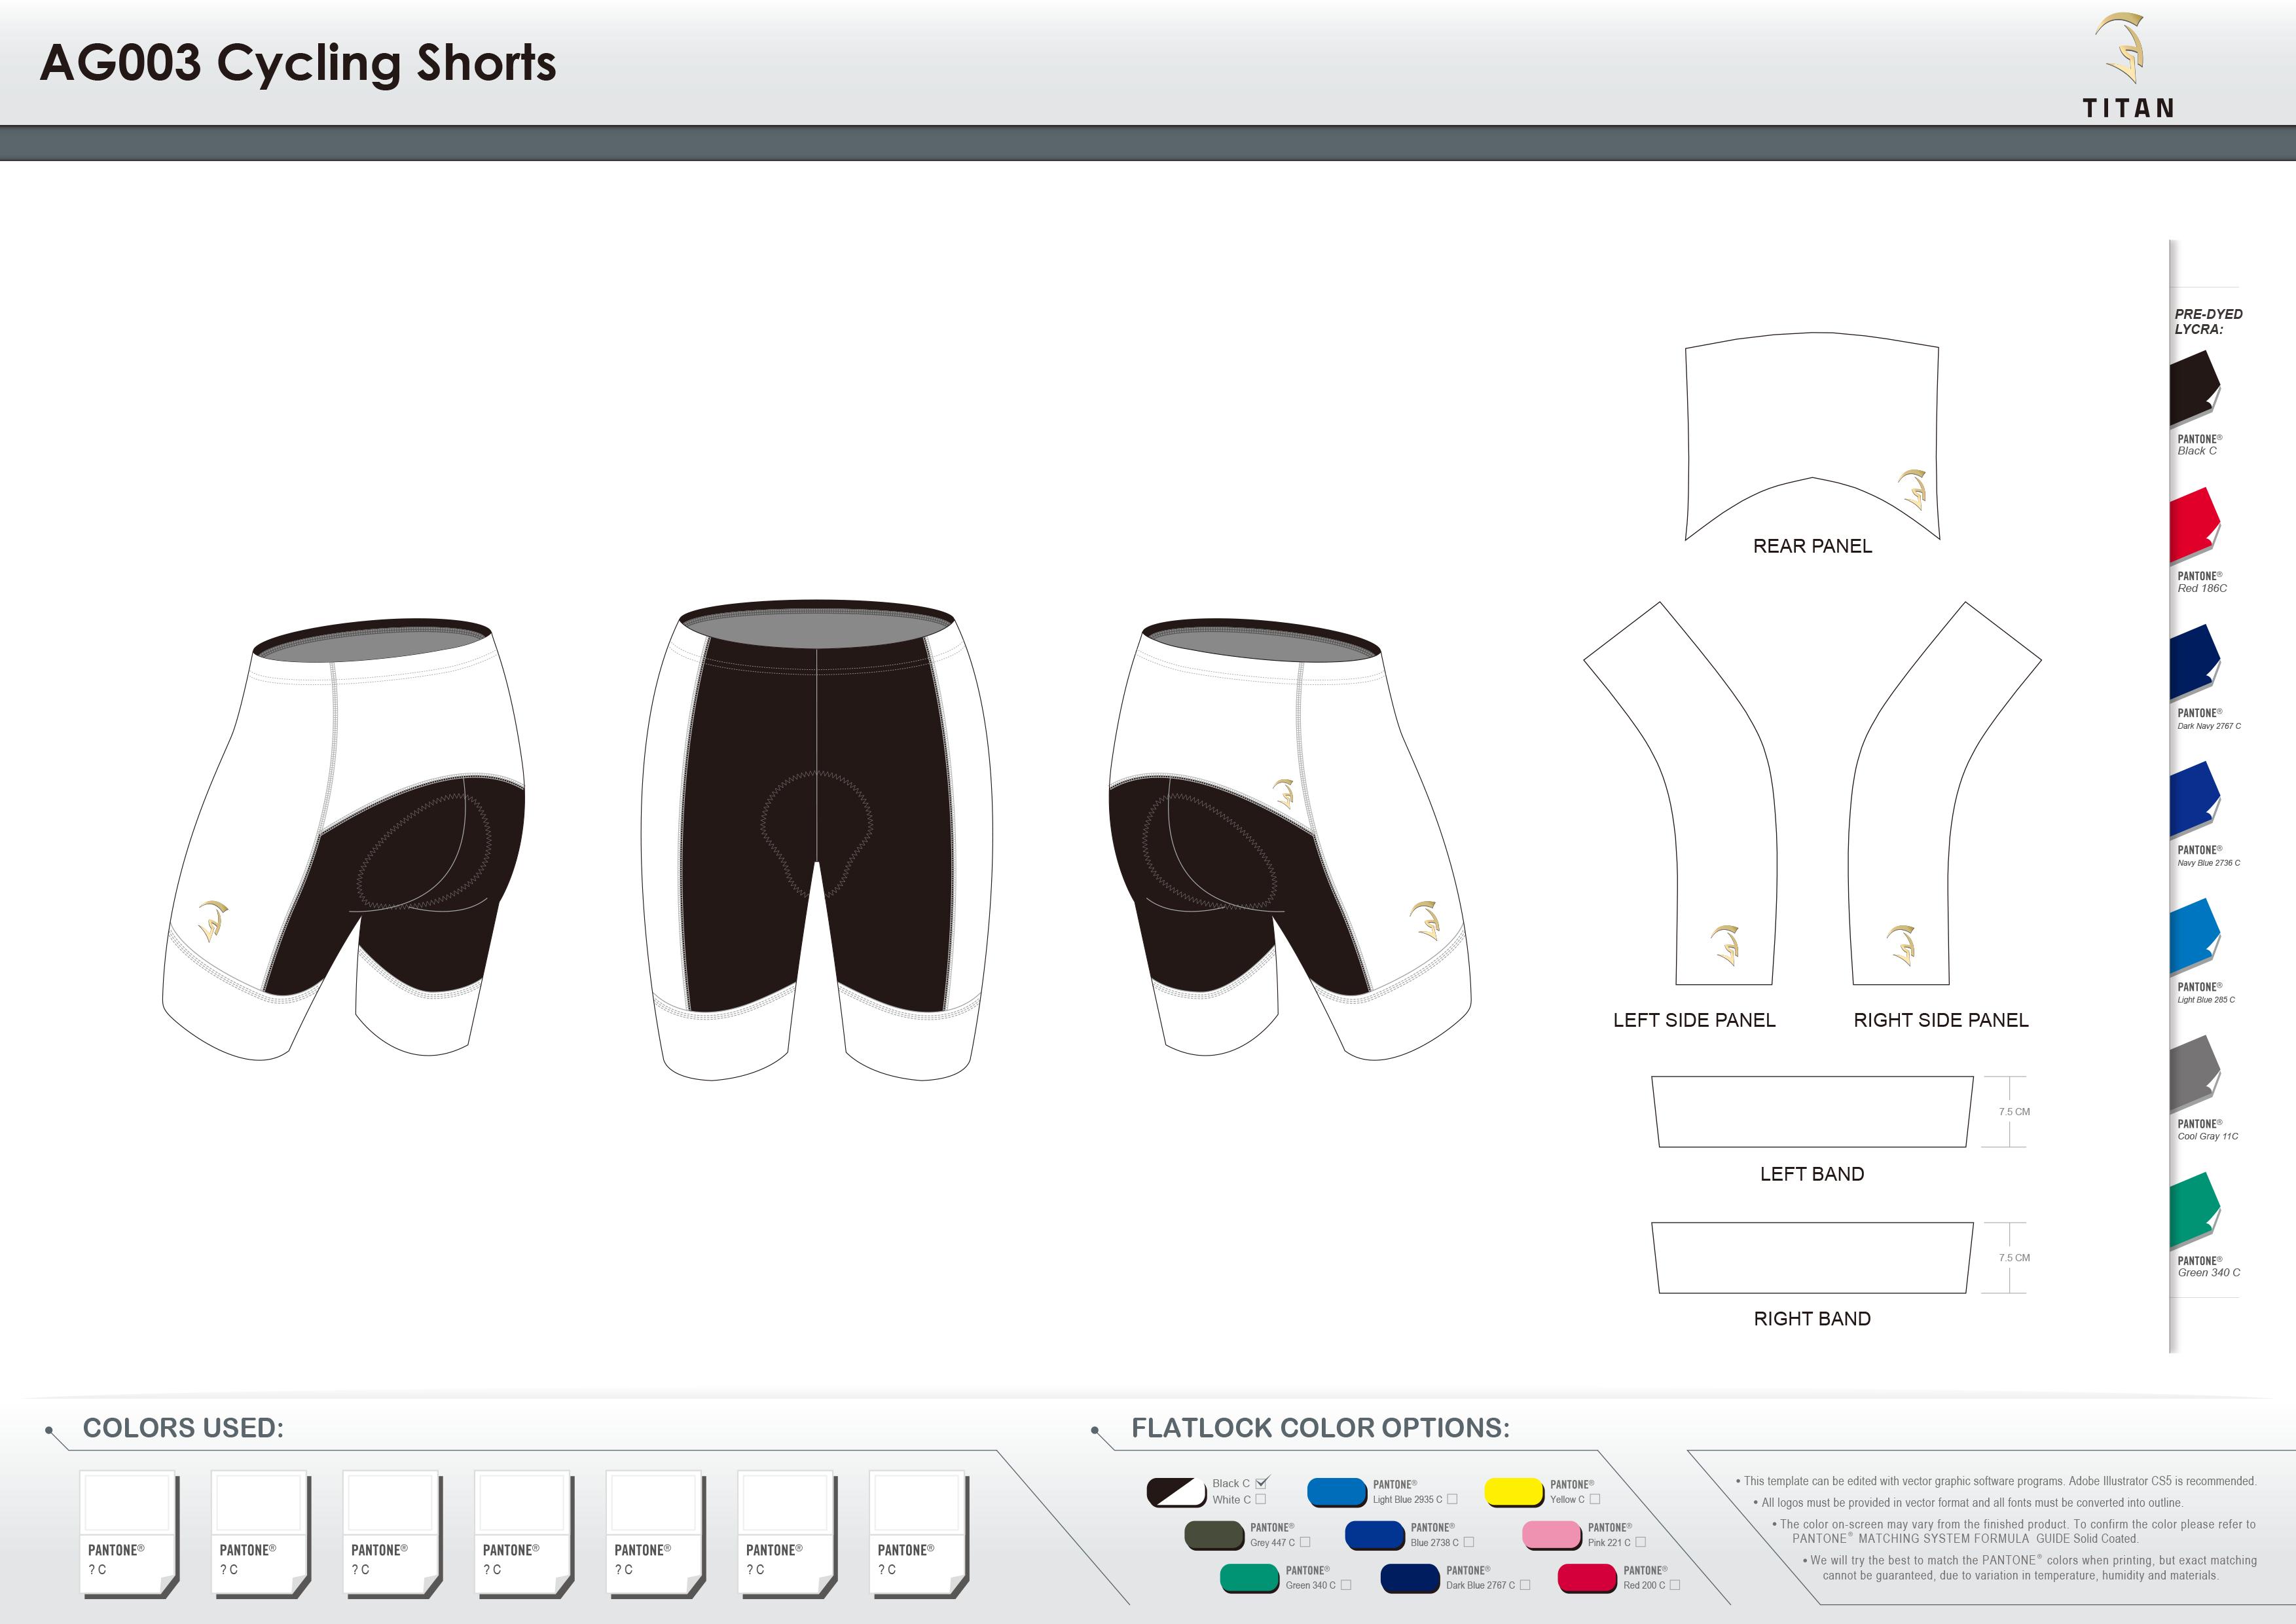 AG003 Cycling Shorts